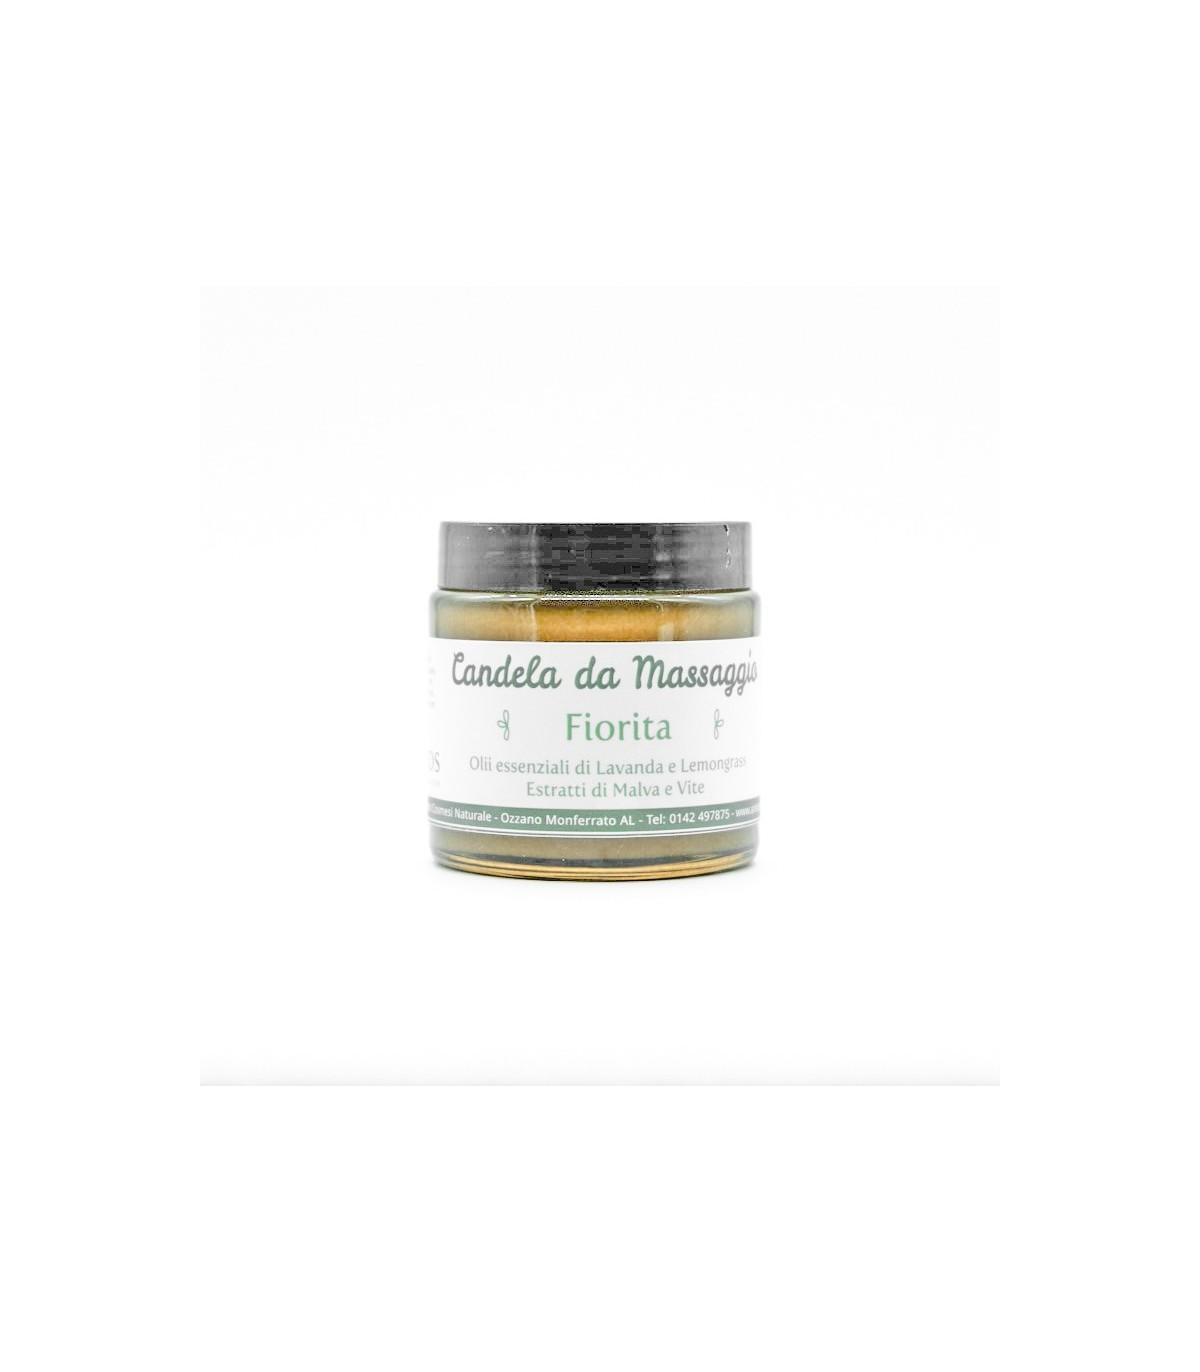 Burro corpo - candela da massaggio fiorita lavanda e lemongrass